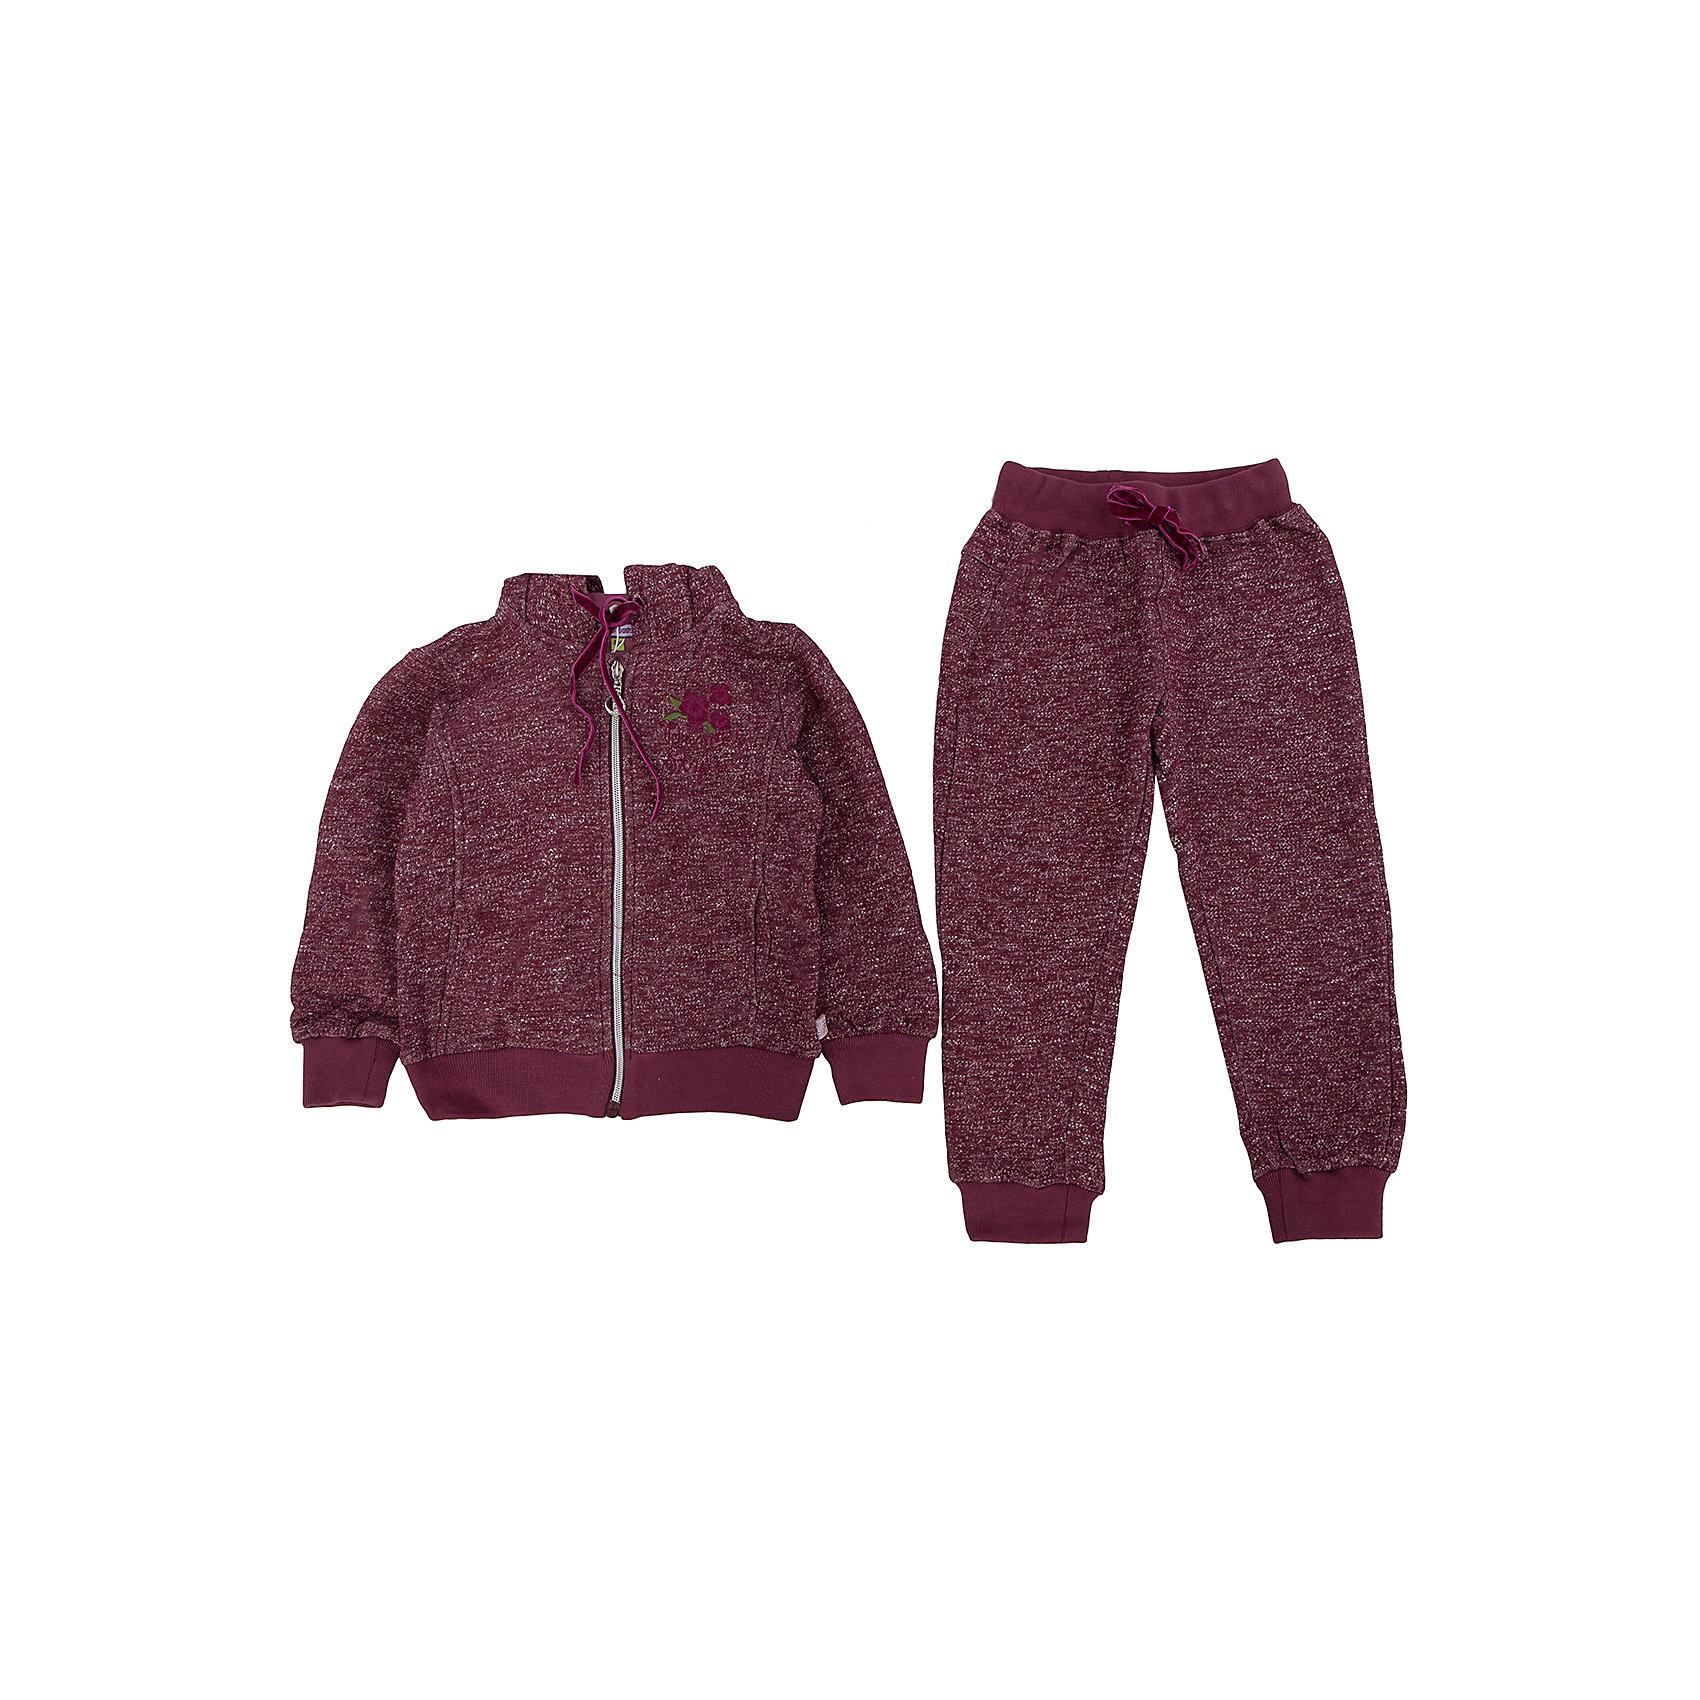 Спортивный костюм для девочки Sweet BerryСпортивный костюм для девочки, состоящий из толстовки и брюк. Толстовка с капюшоном, спереди удобная застежка на молнию. Брюки прямого кроя на эластичном поясе, дополнительно регулируются шнурками <br>Состав: <br>80% хлопок, 20% полиэстер<br><br>Ширина мм: 247<br>Глубина мм: 16<br>Высота мм: 140<br>Вес г: 225<br>Цвет: бордовый<br>Возраст от месяцев: 36<br>Возраст до месяцев: 48<br>Пол: Женский<br>Возраст: Детский<br>Размер: 104,128,110,116,98,122<br>SKU: 4291431